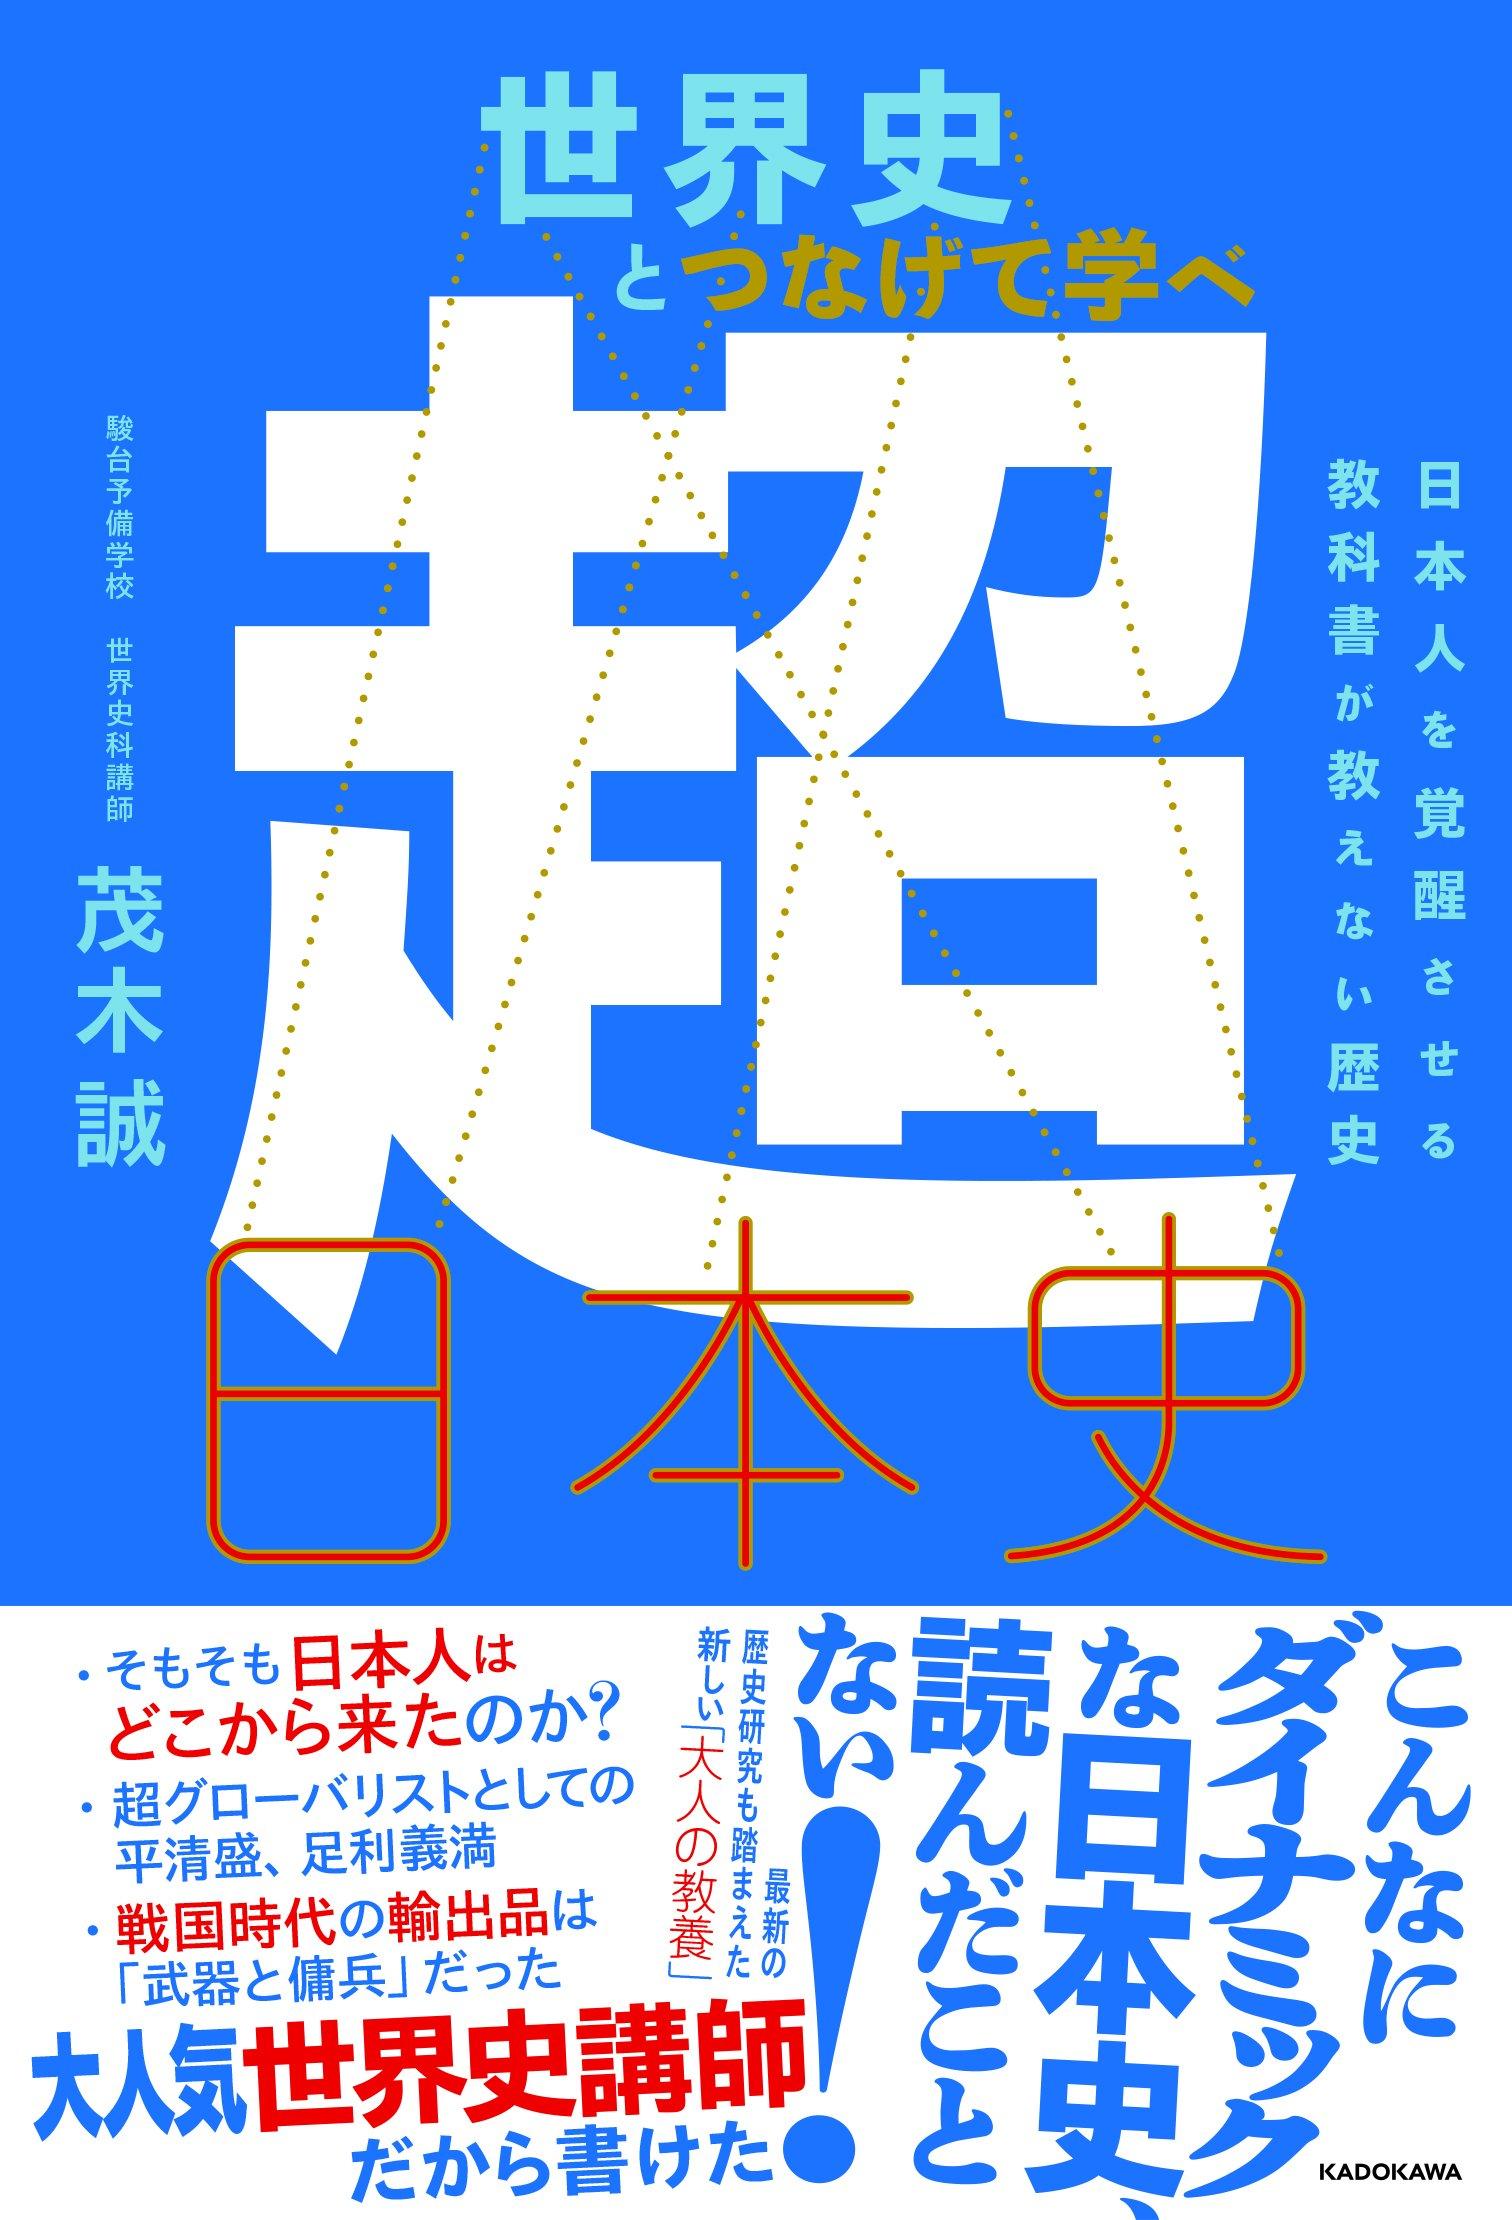 【本の感想】「世界史とつなげて学べ 超日本史 日本人を覚醒させる教科書が教えない歴史」 – 学校では教えてくれない日本を知る